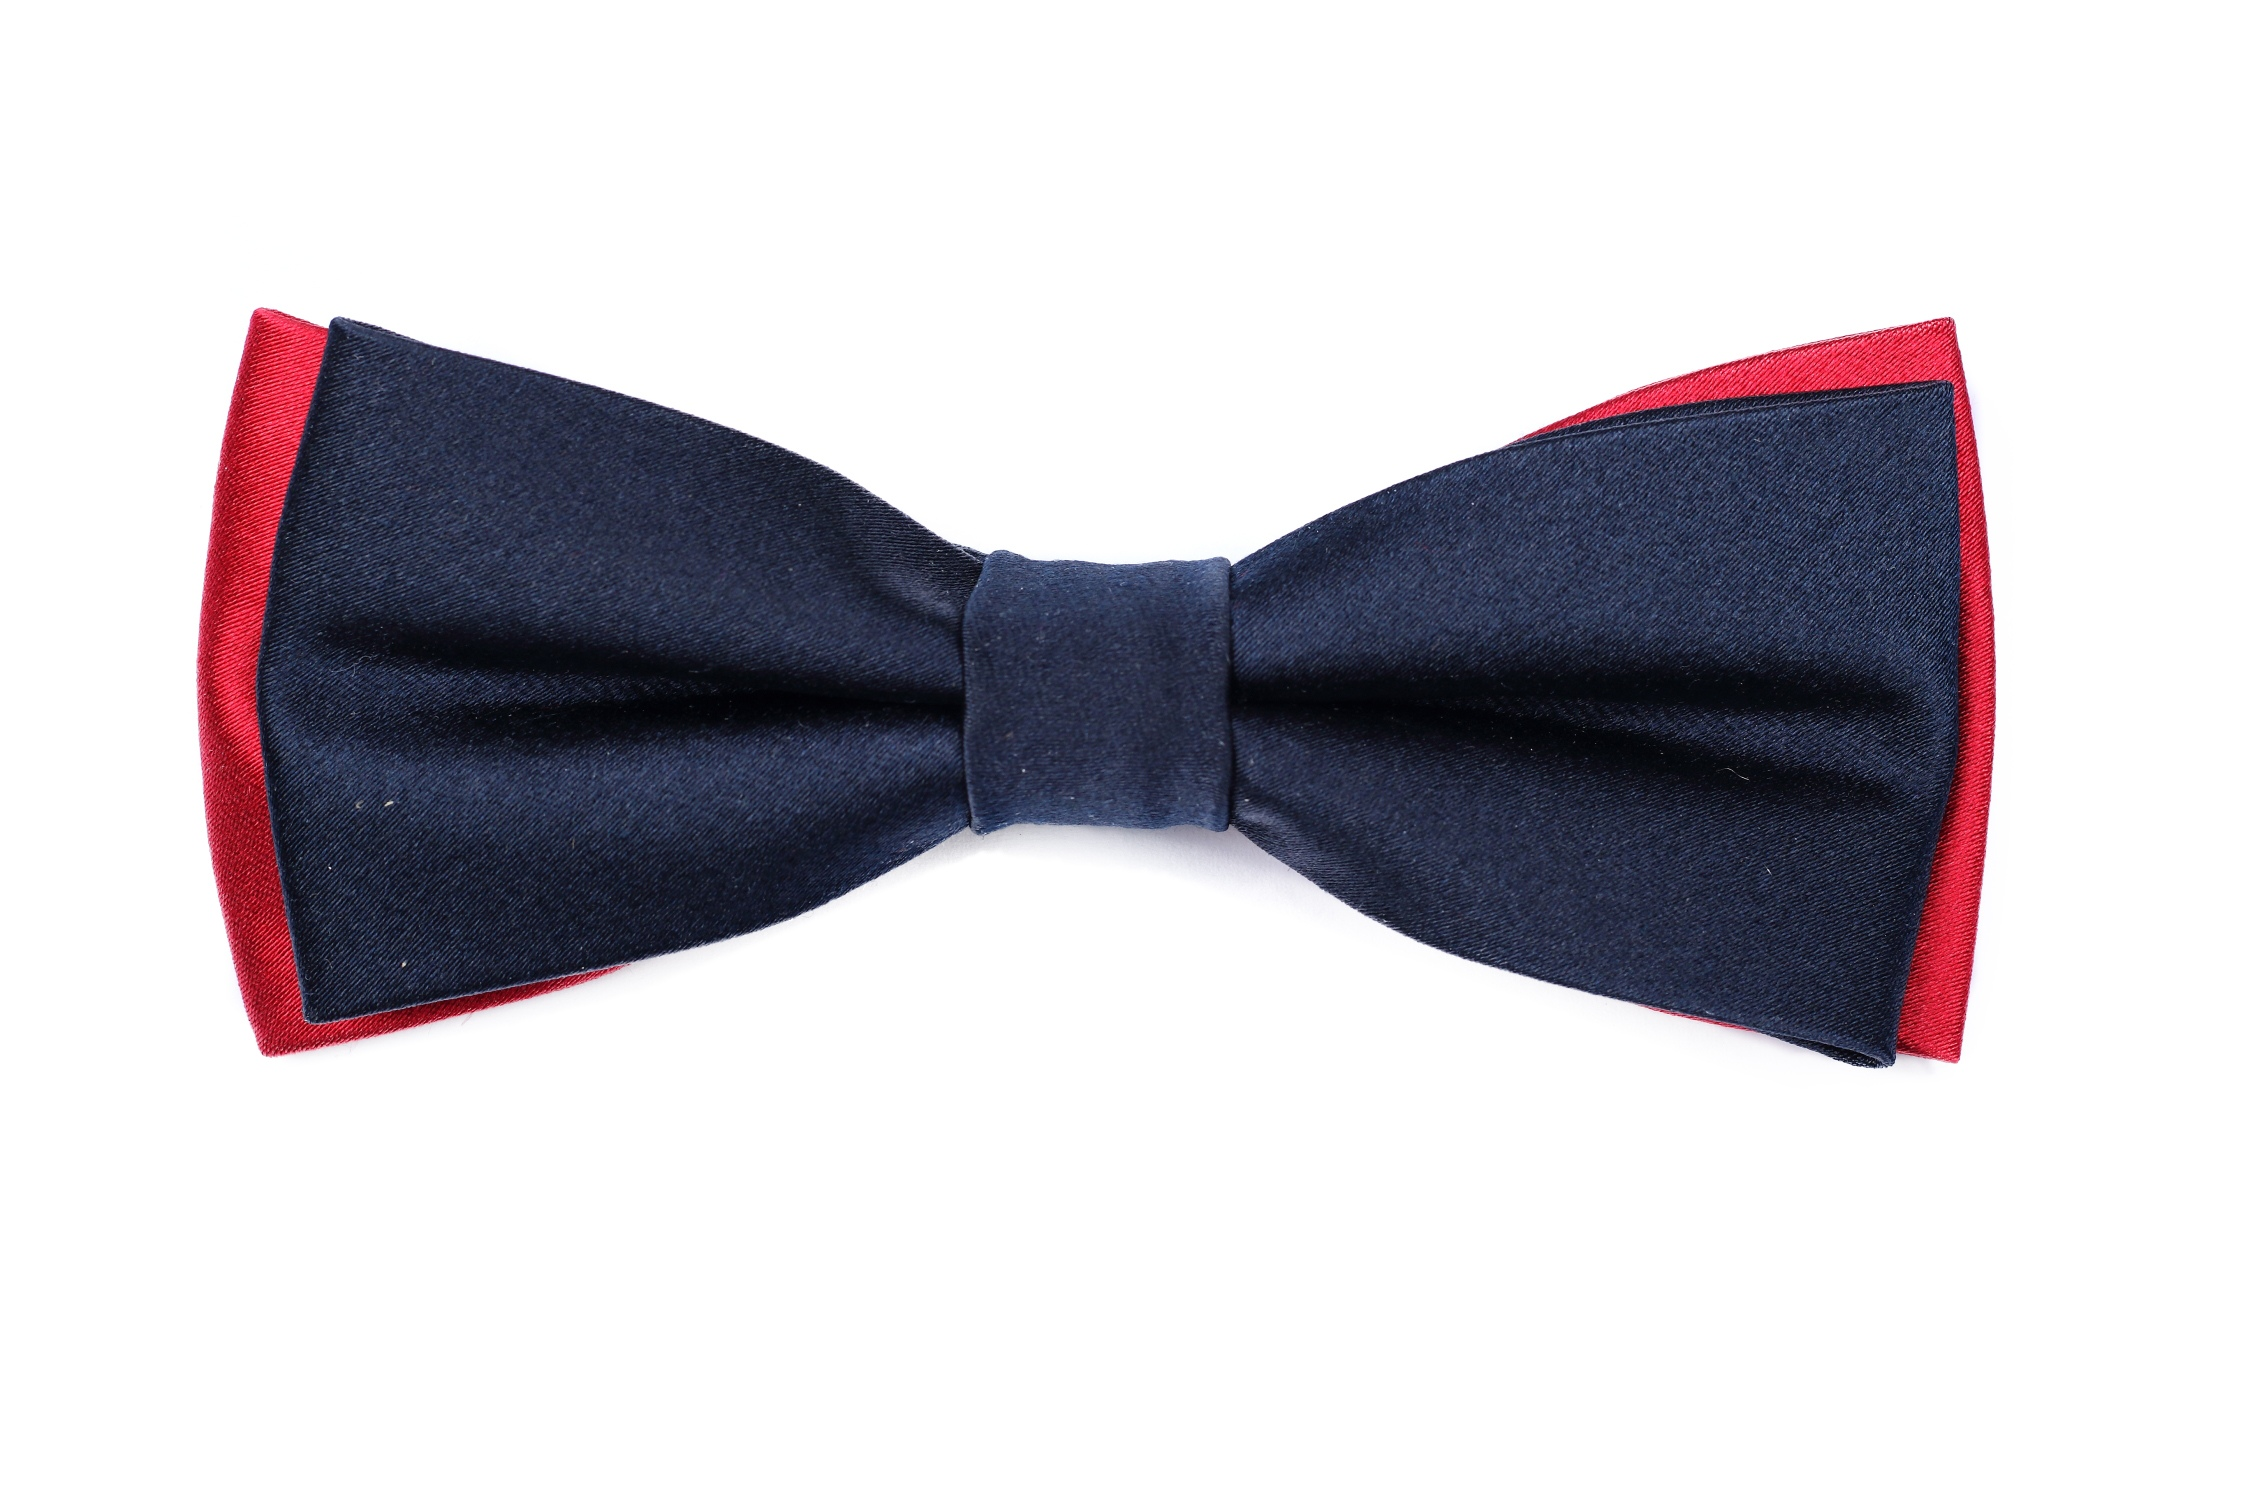 http://www.leadermode.com/148274/virtuose-double-papillon-soie-marine-rouge.jpg